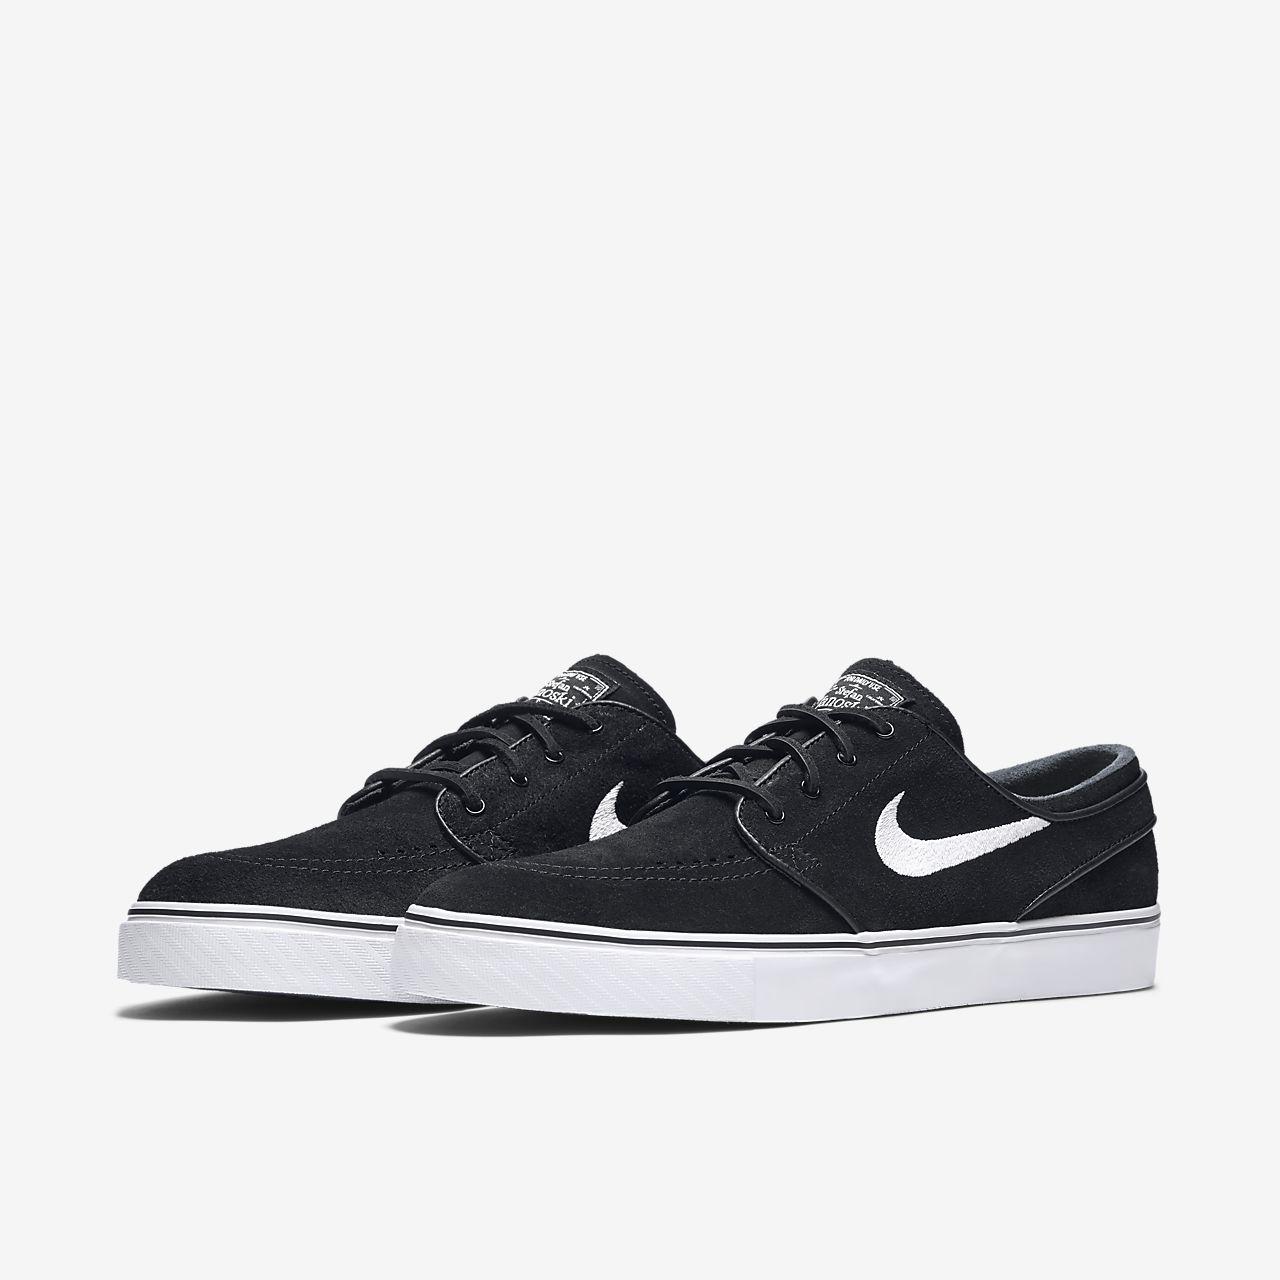 4369ca39244 Nike SB Zoom Stefan Janoski OG Zapatillas de skateboard - Hombre ...